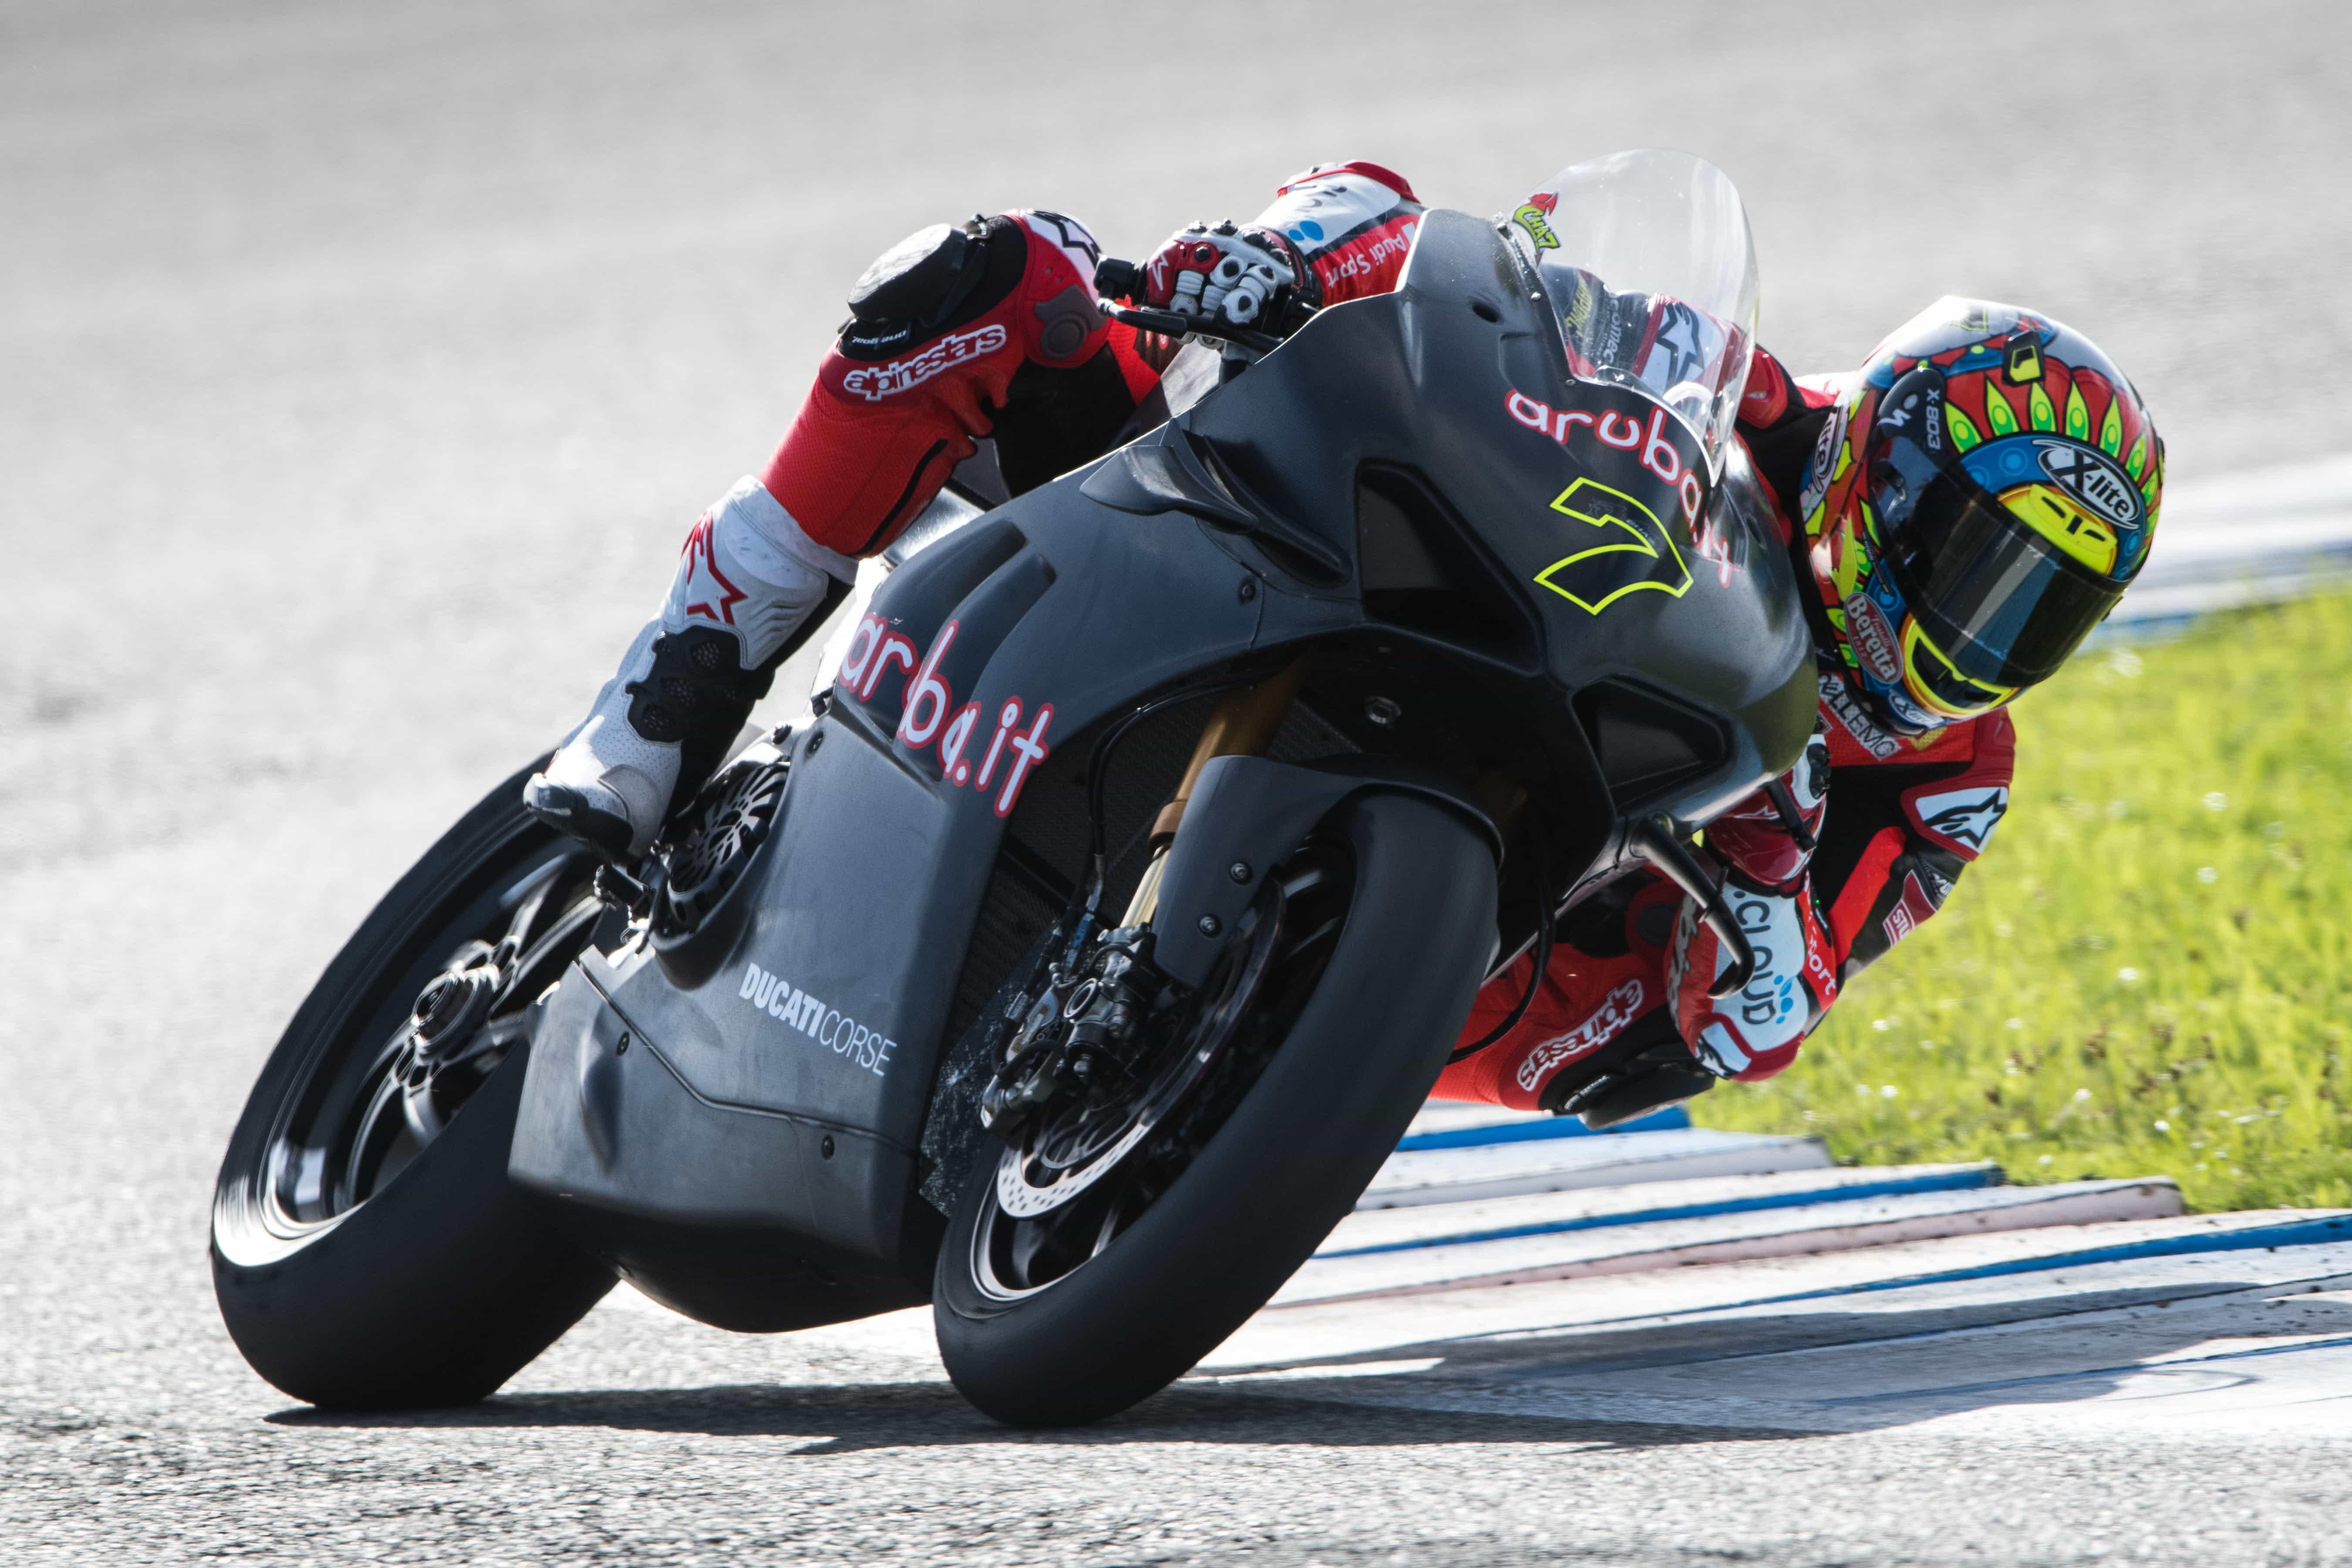 FIM スーパーバイク世界選手権(SBK) 2020年最新レースカレンダー